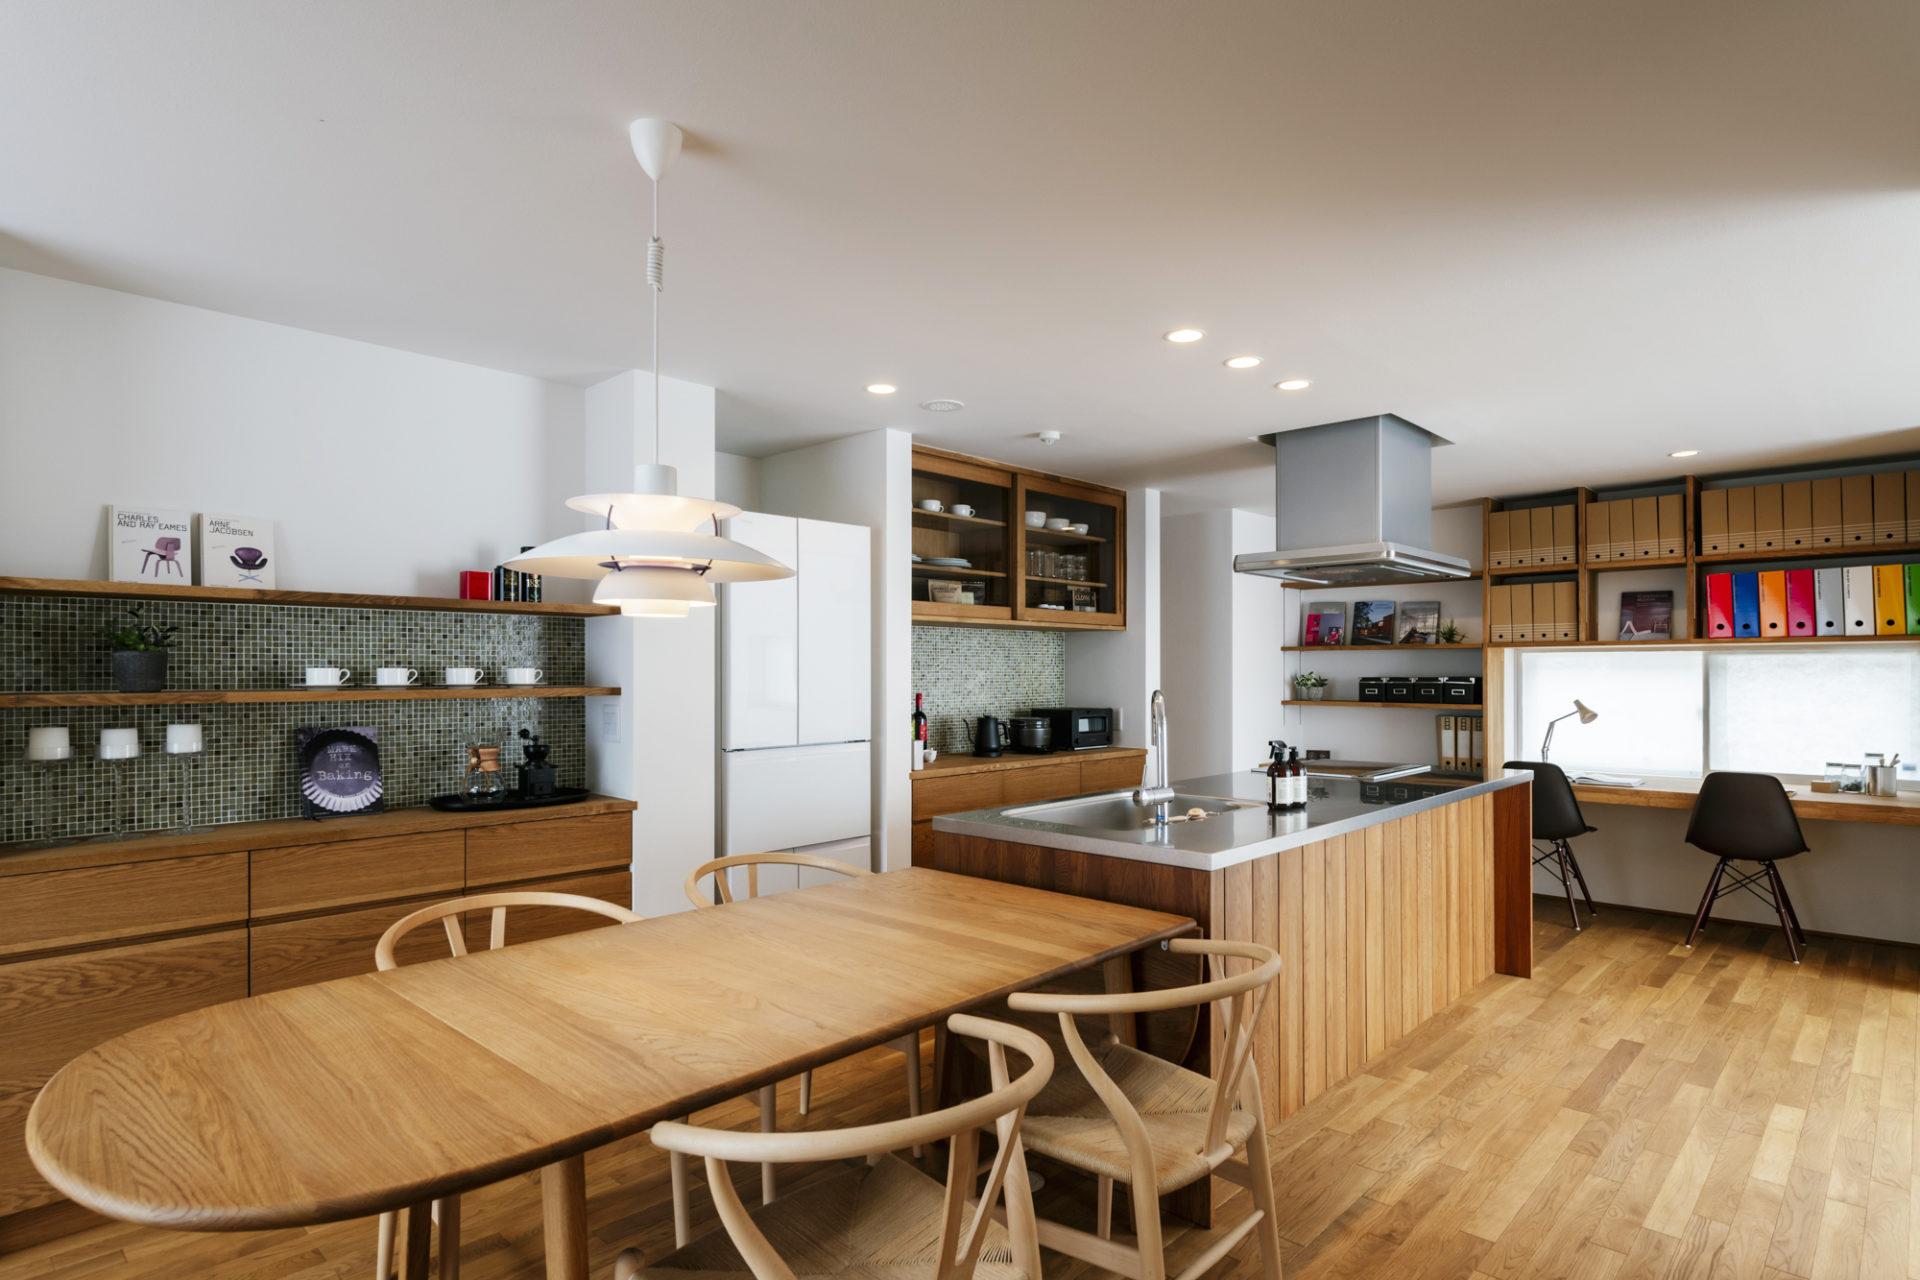 木の質感が統一された暖かみのあるカフェ風のアイランドキッチン